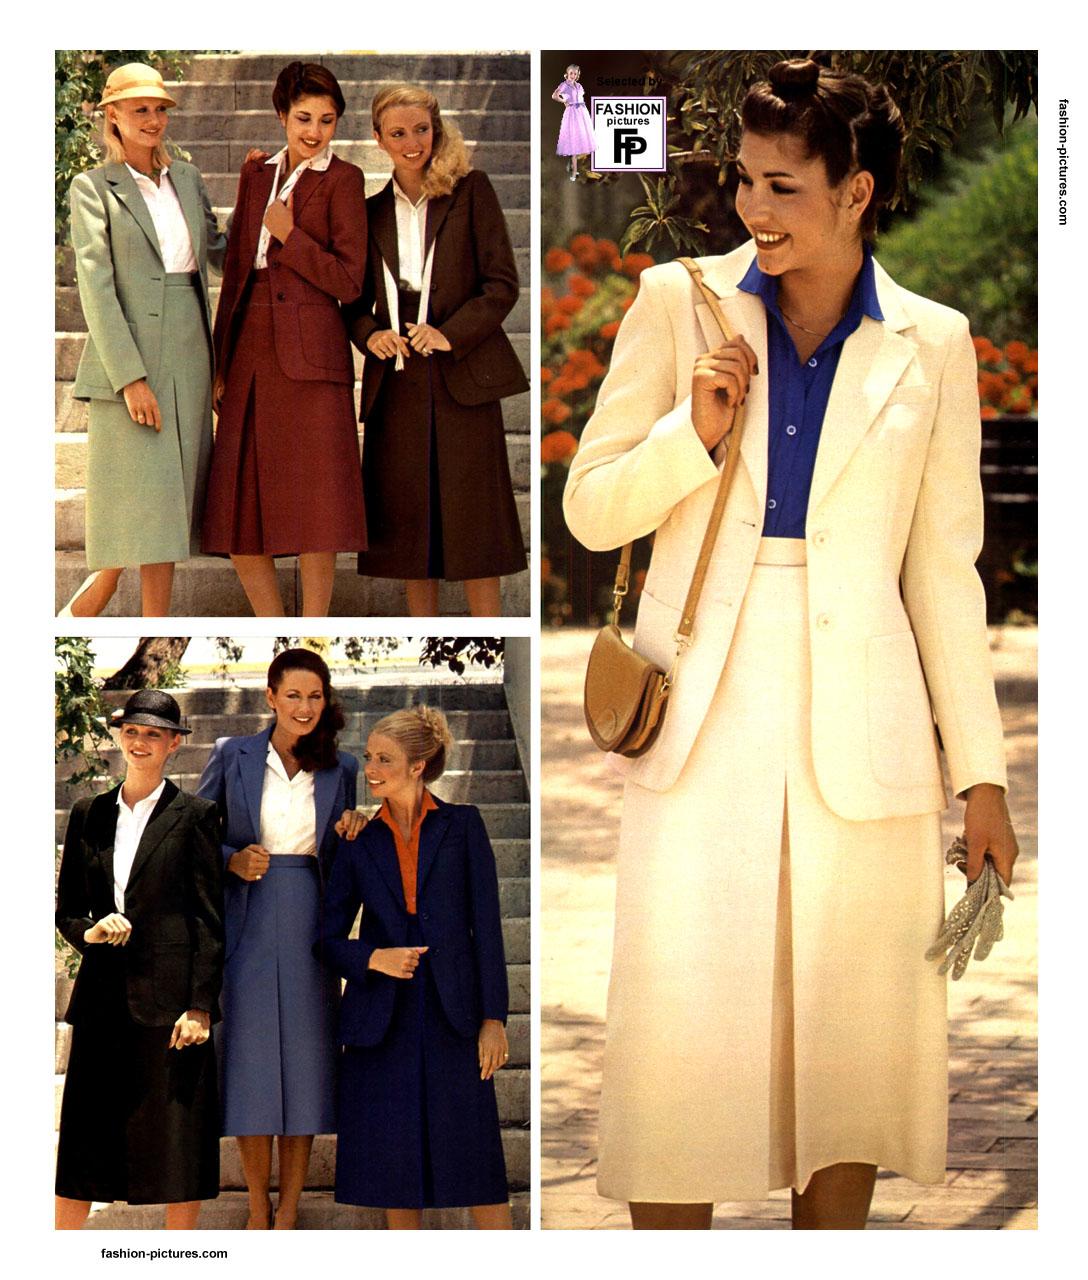 Fashion: 1980s Fashion. Page 1